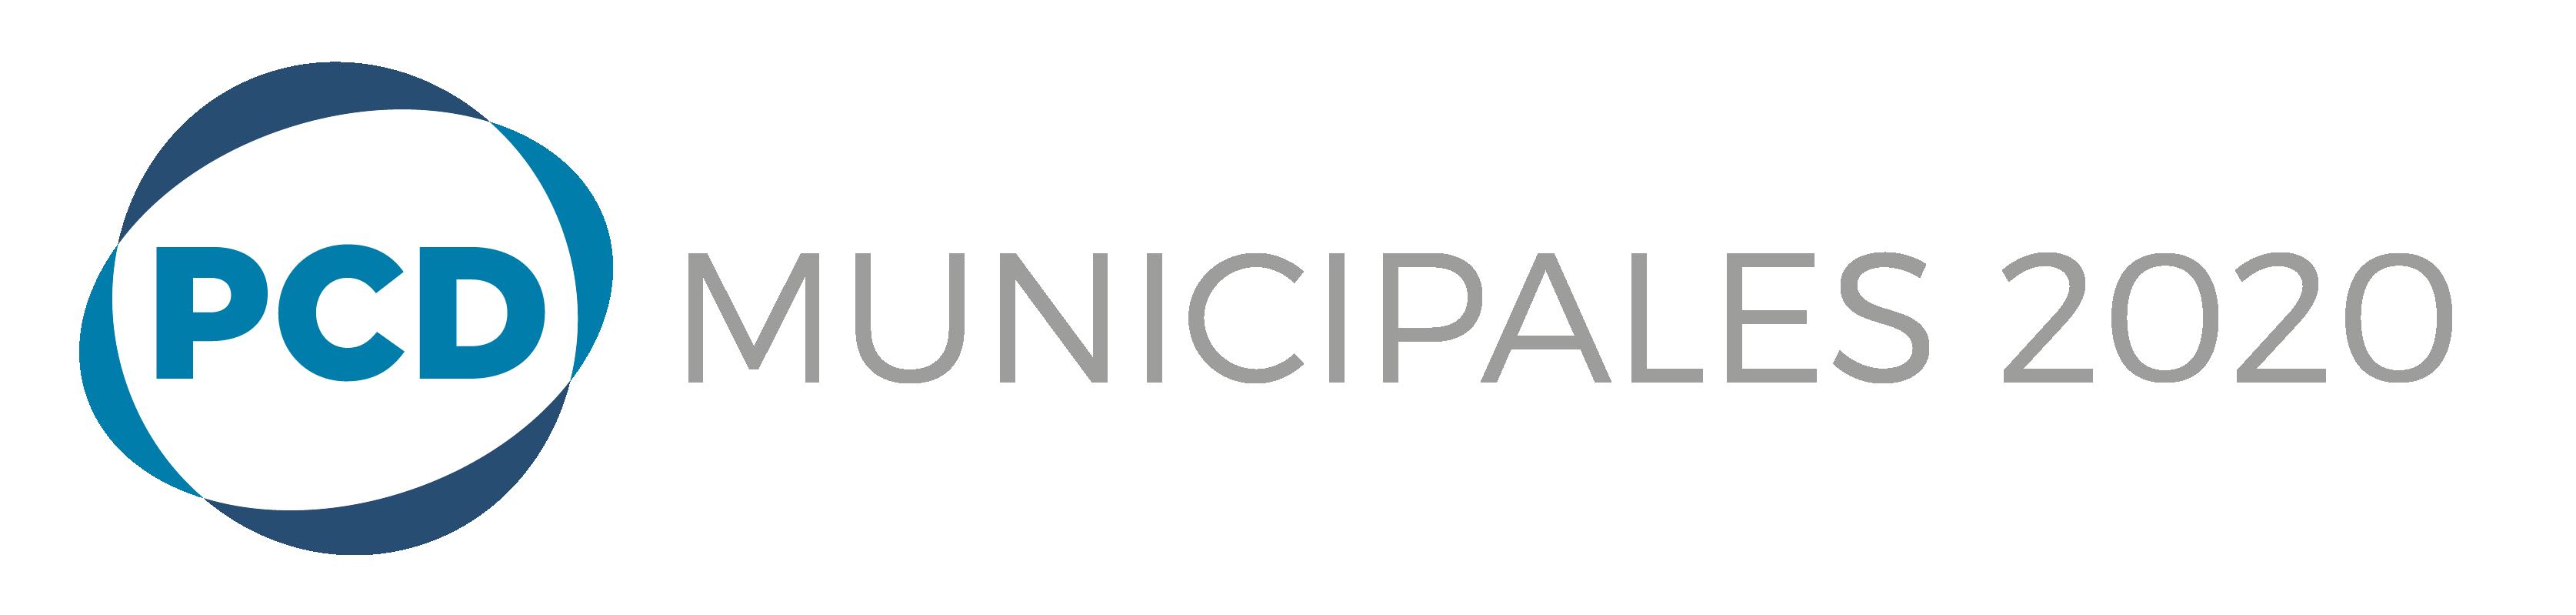 Municipales 2020 - PCD